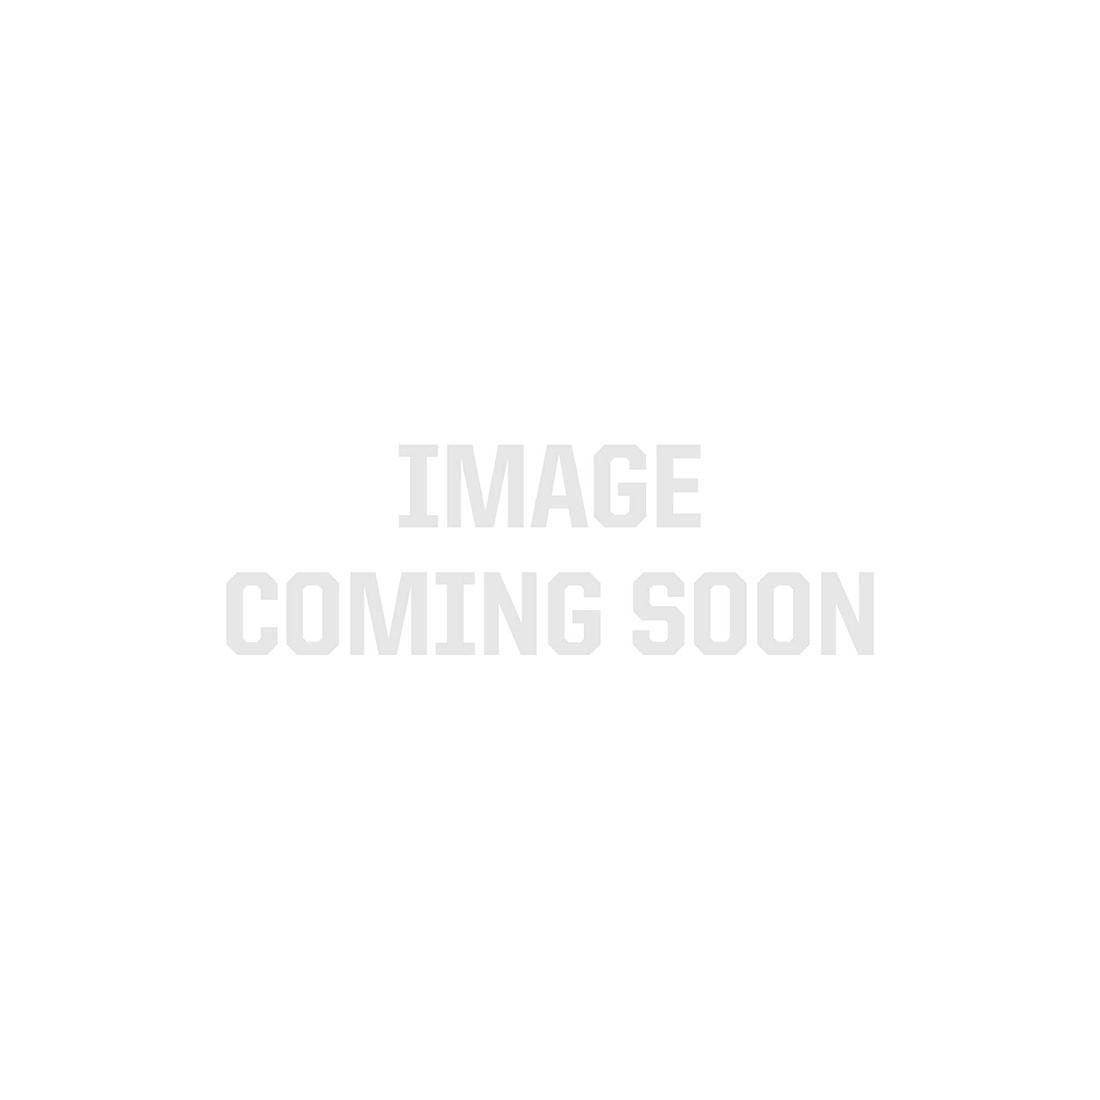 Lutron SCL-153P Skylark Dimmable CFL/LED Dimmer; 150 Watt, Single Pole or 3-Way (Multi-location) Almond